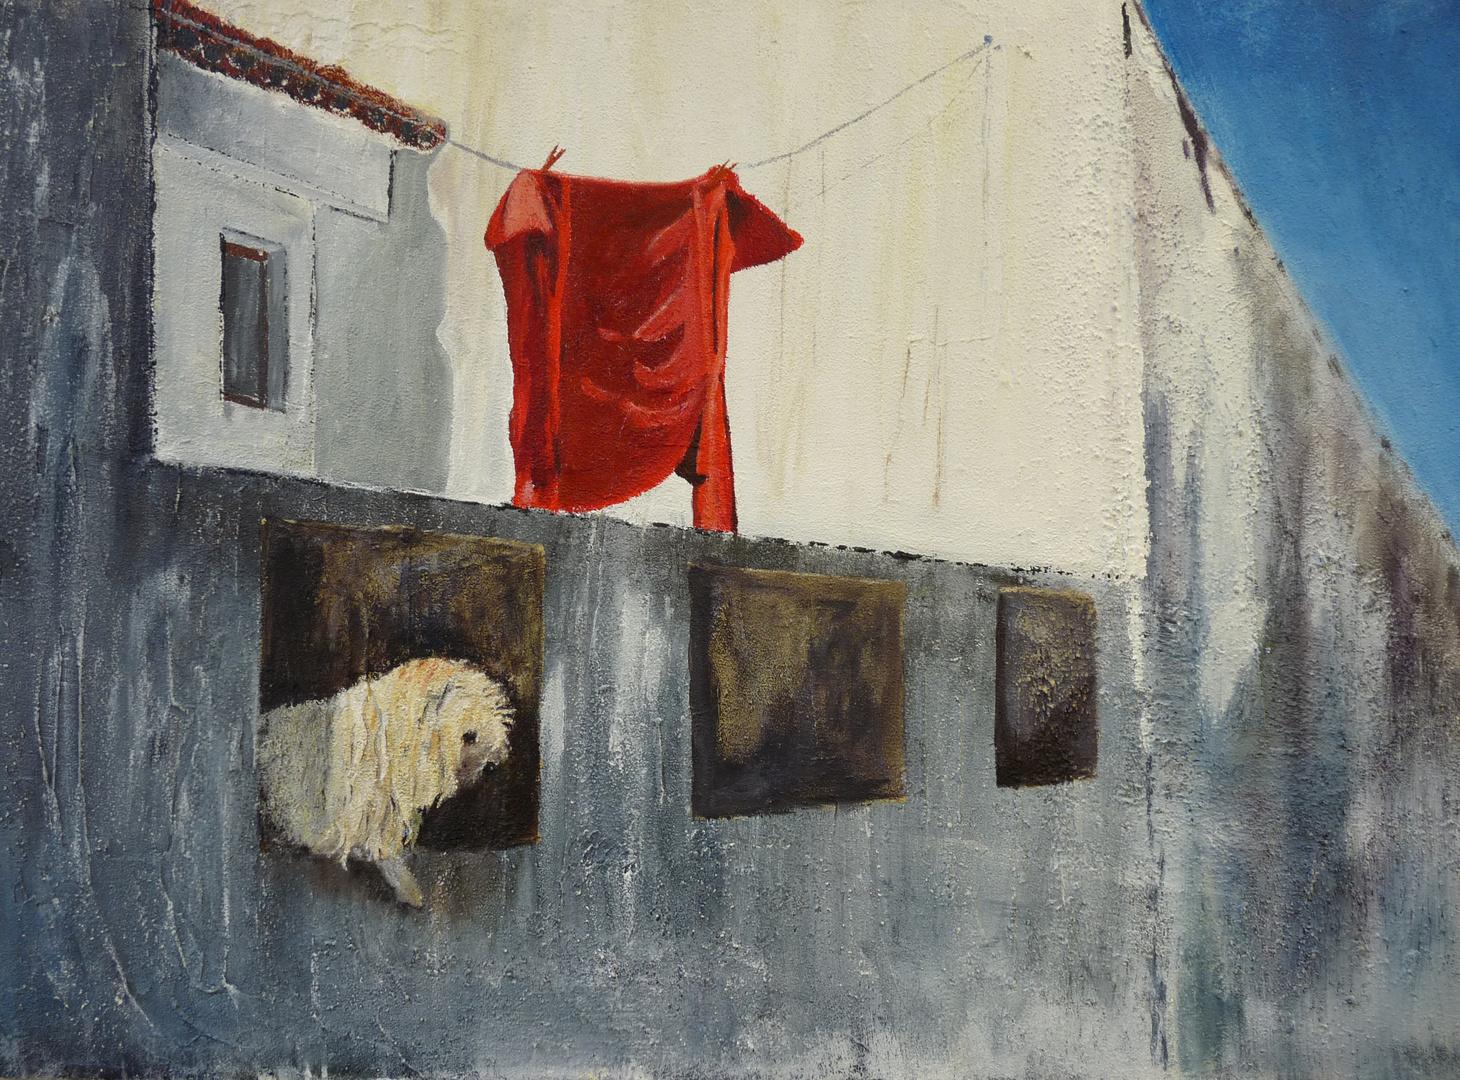 Das rote Hemd gemalt